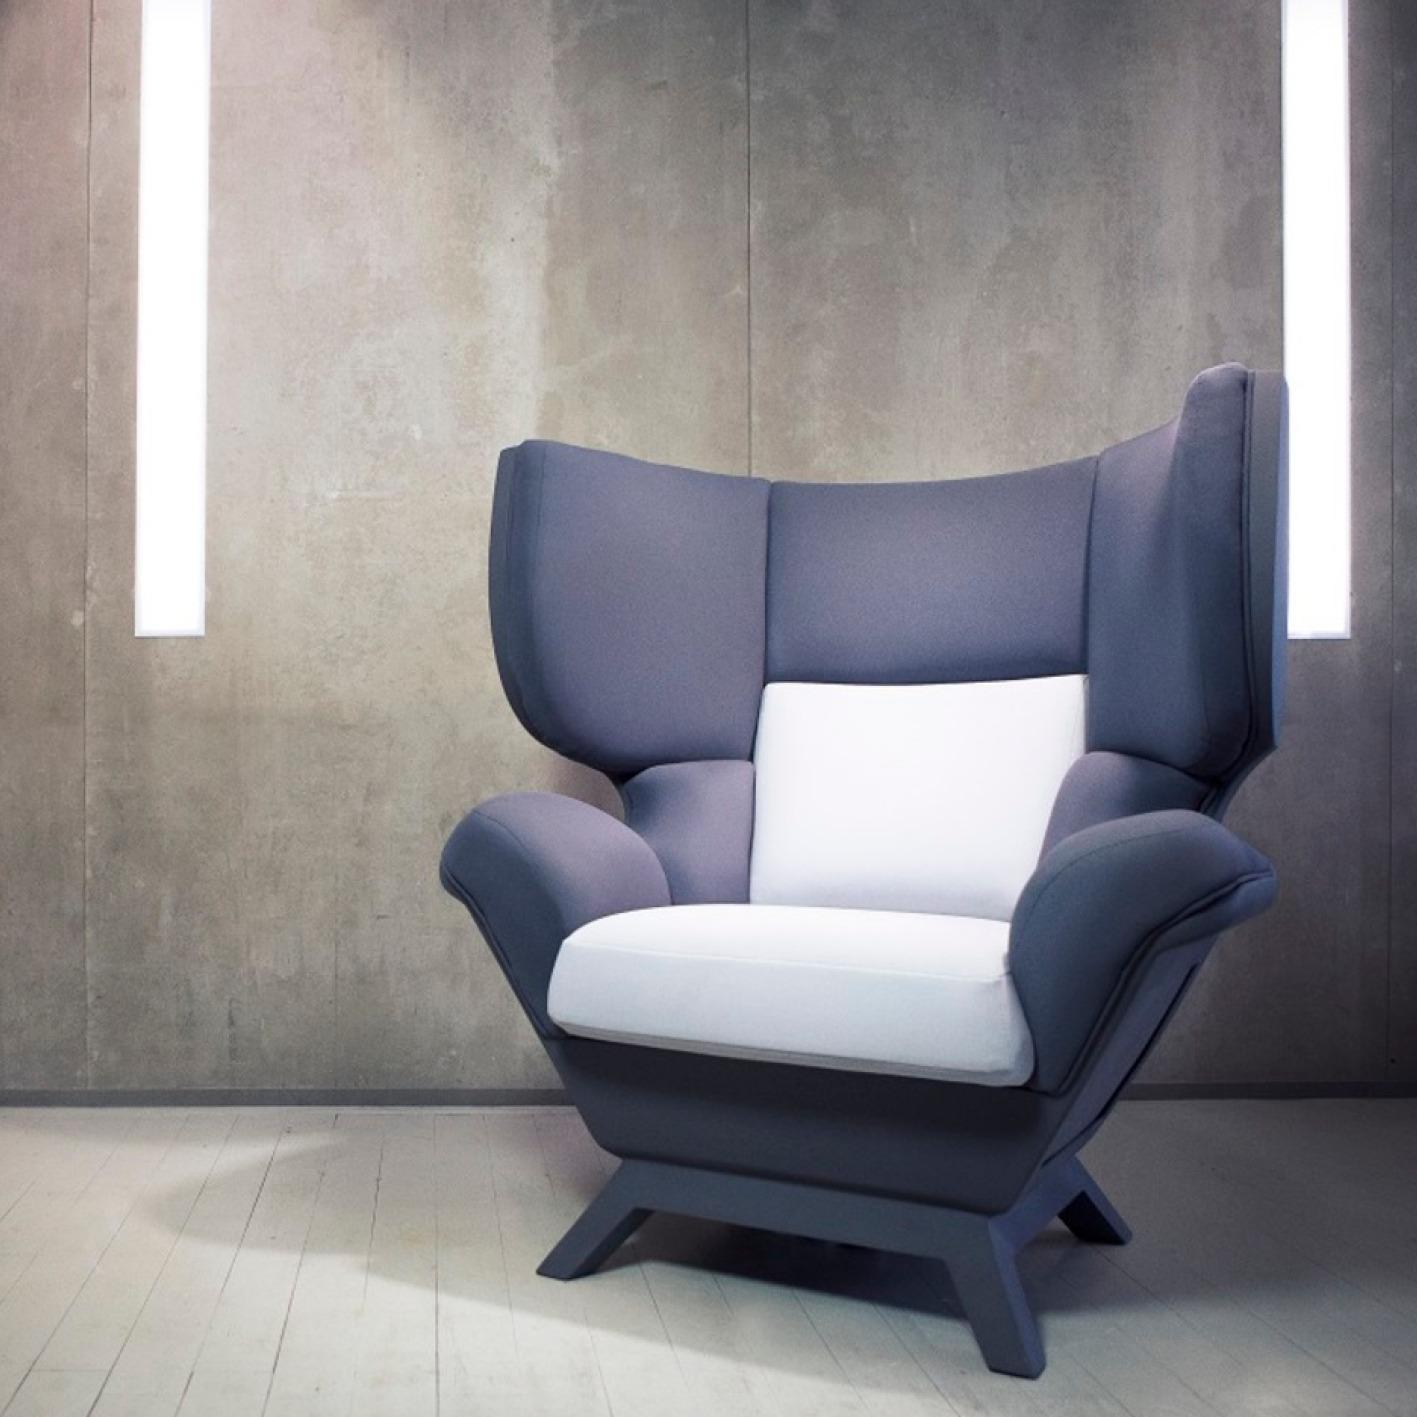 Fauteuil design - Horizon 47